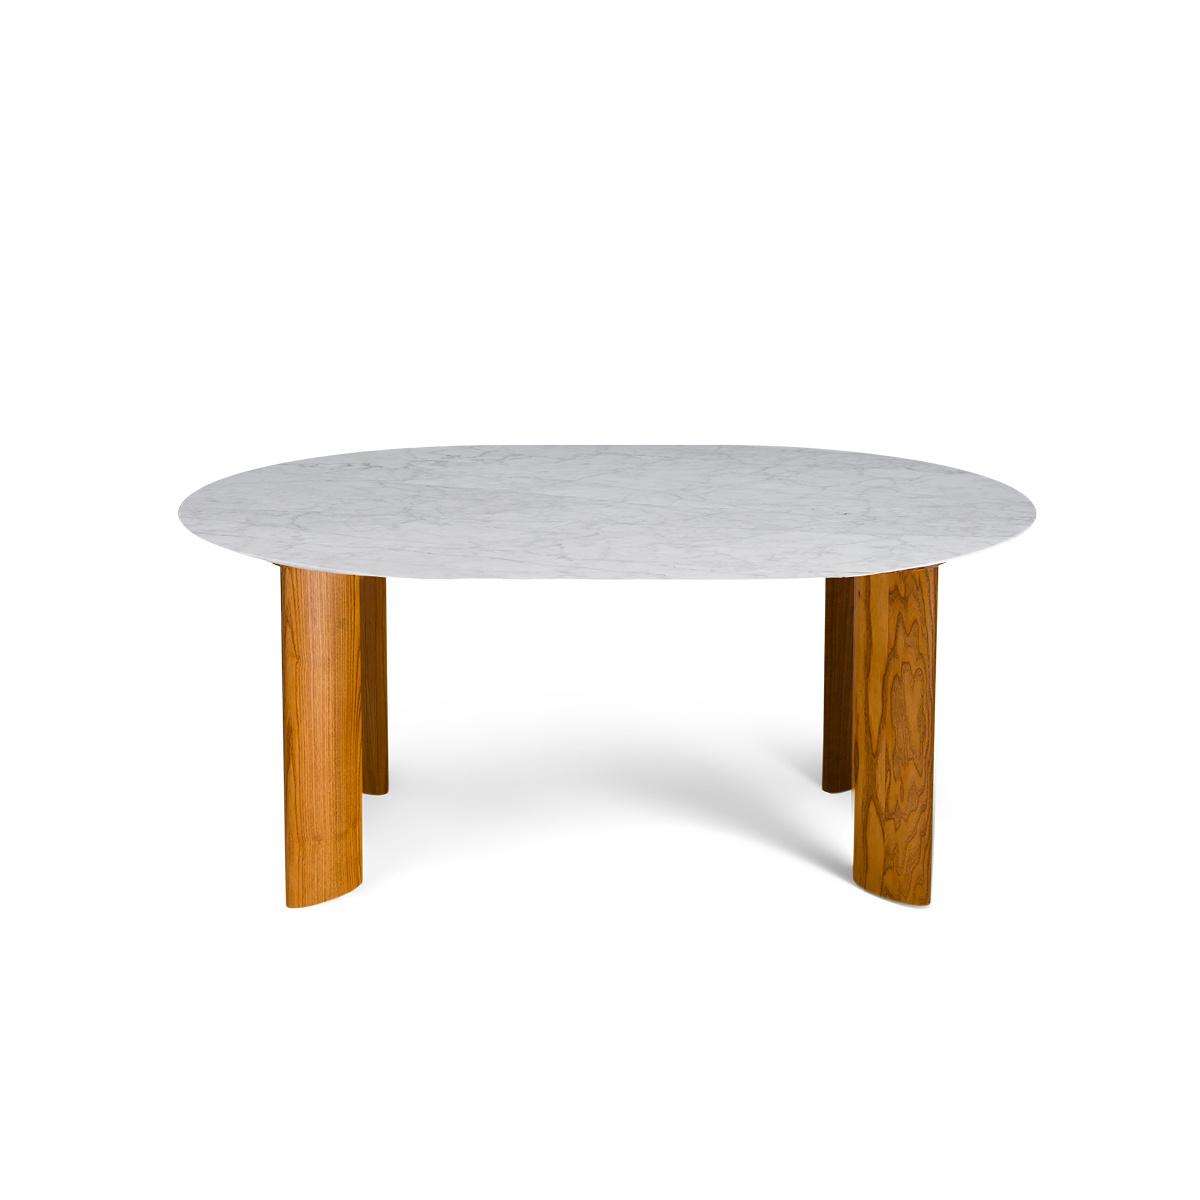 Table de salle à manger Carlotta Alta marbre blanc et pieds frêne finition iroko - 6 places